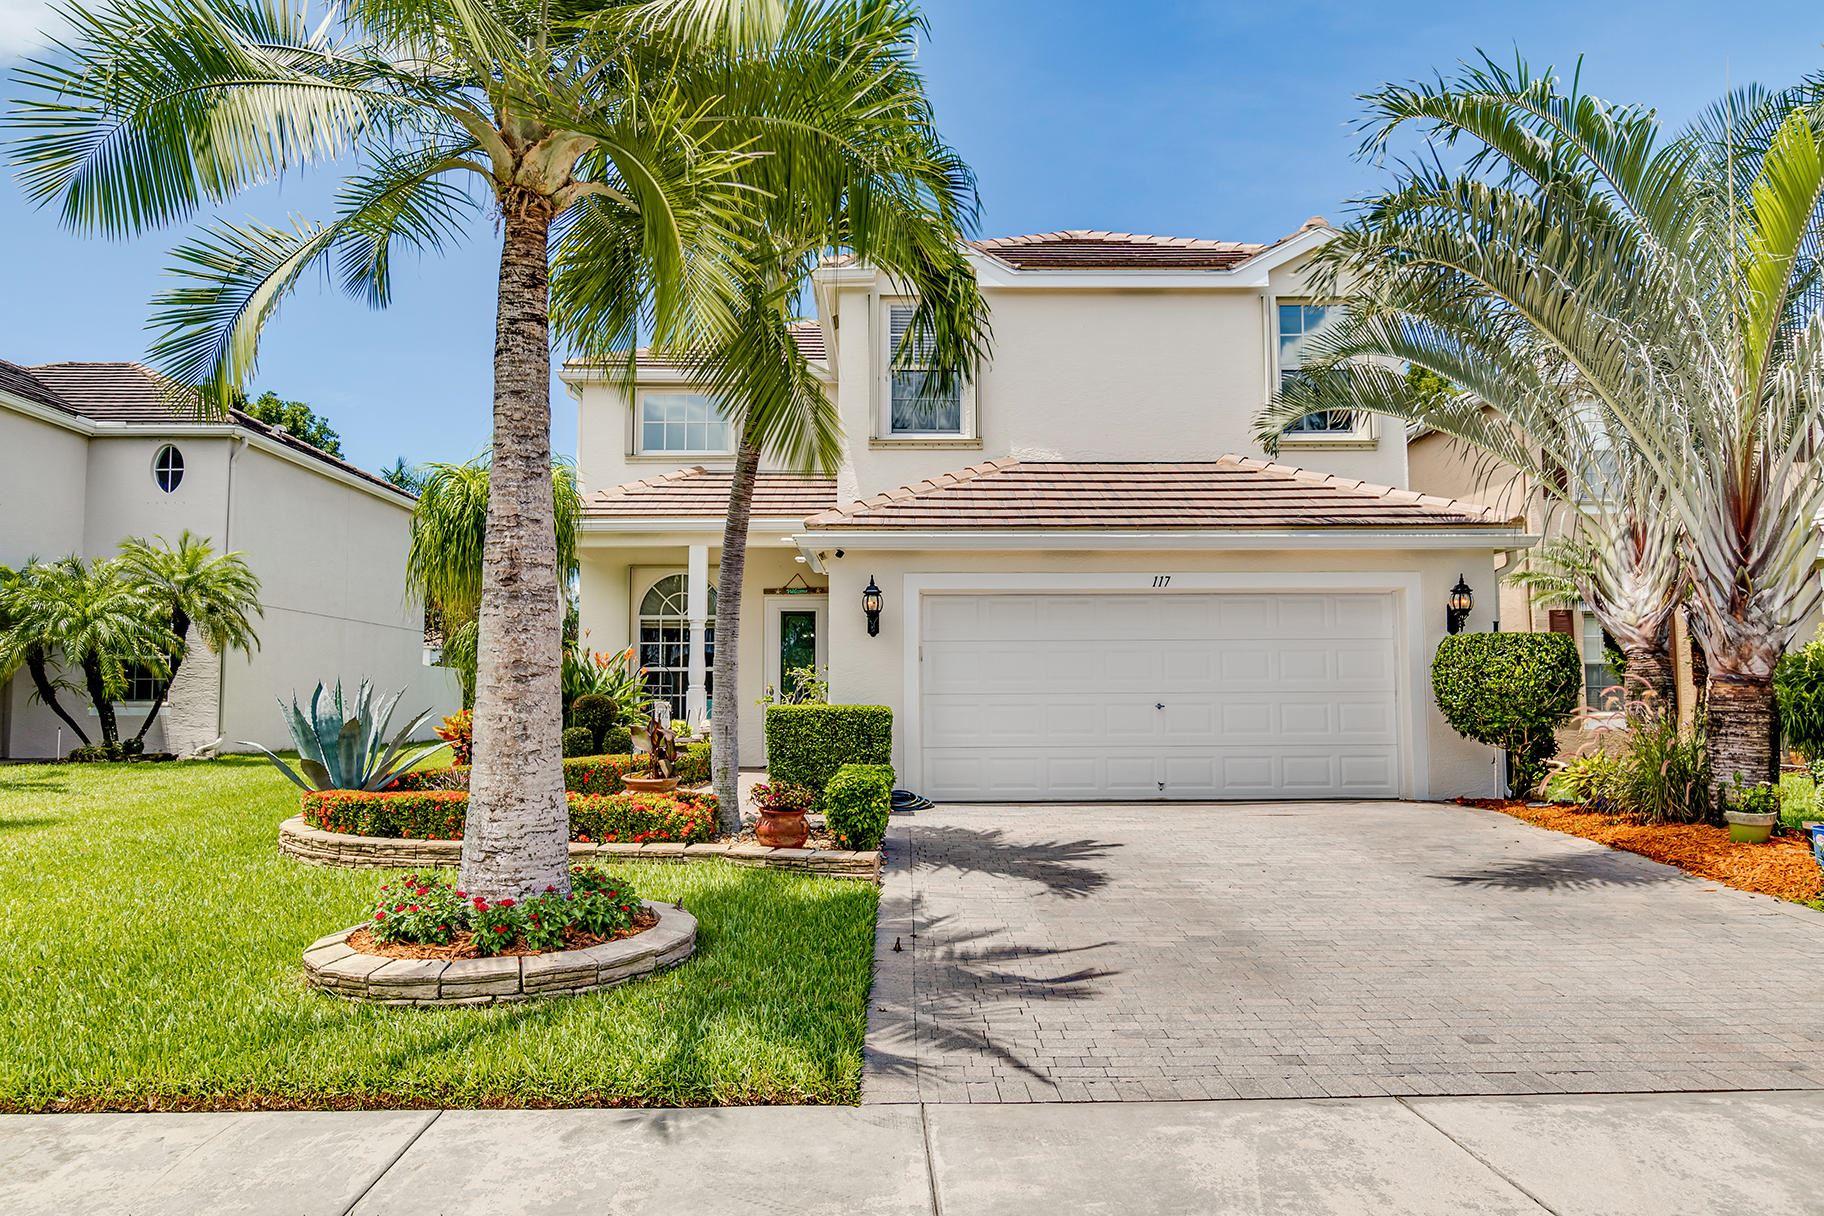 117 Newberry Lane, Royal Palm Beach, FL 33414 - #: RX-10637729